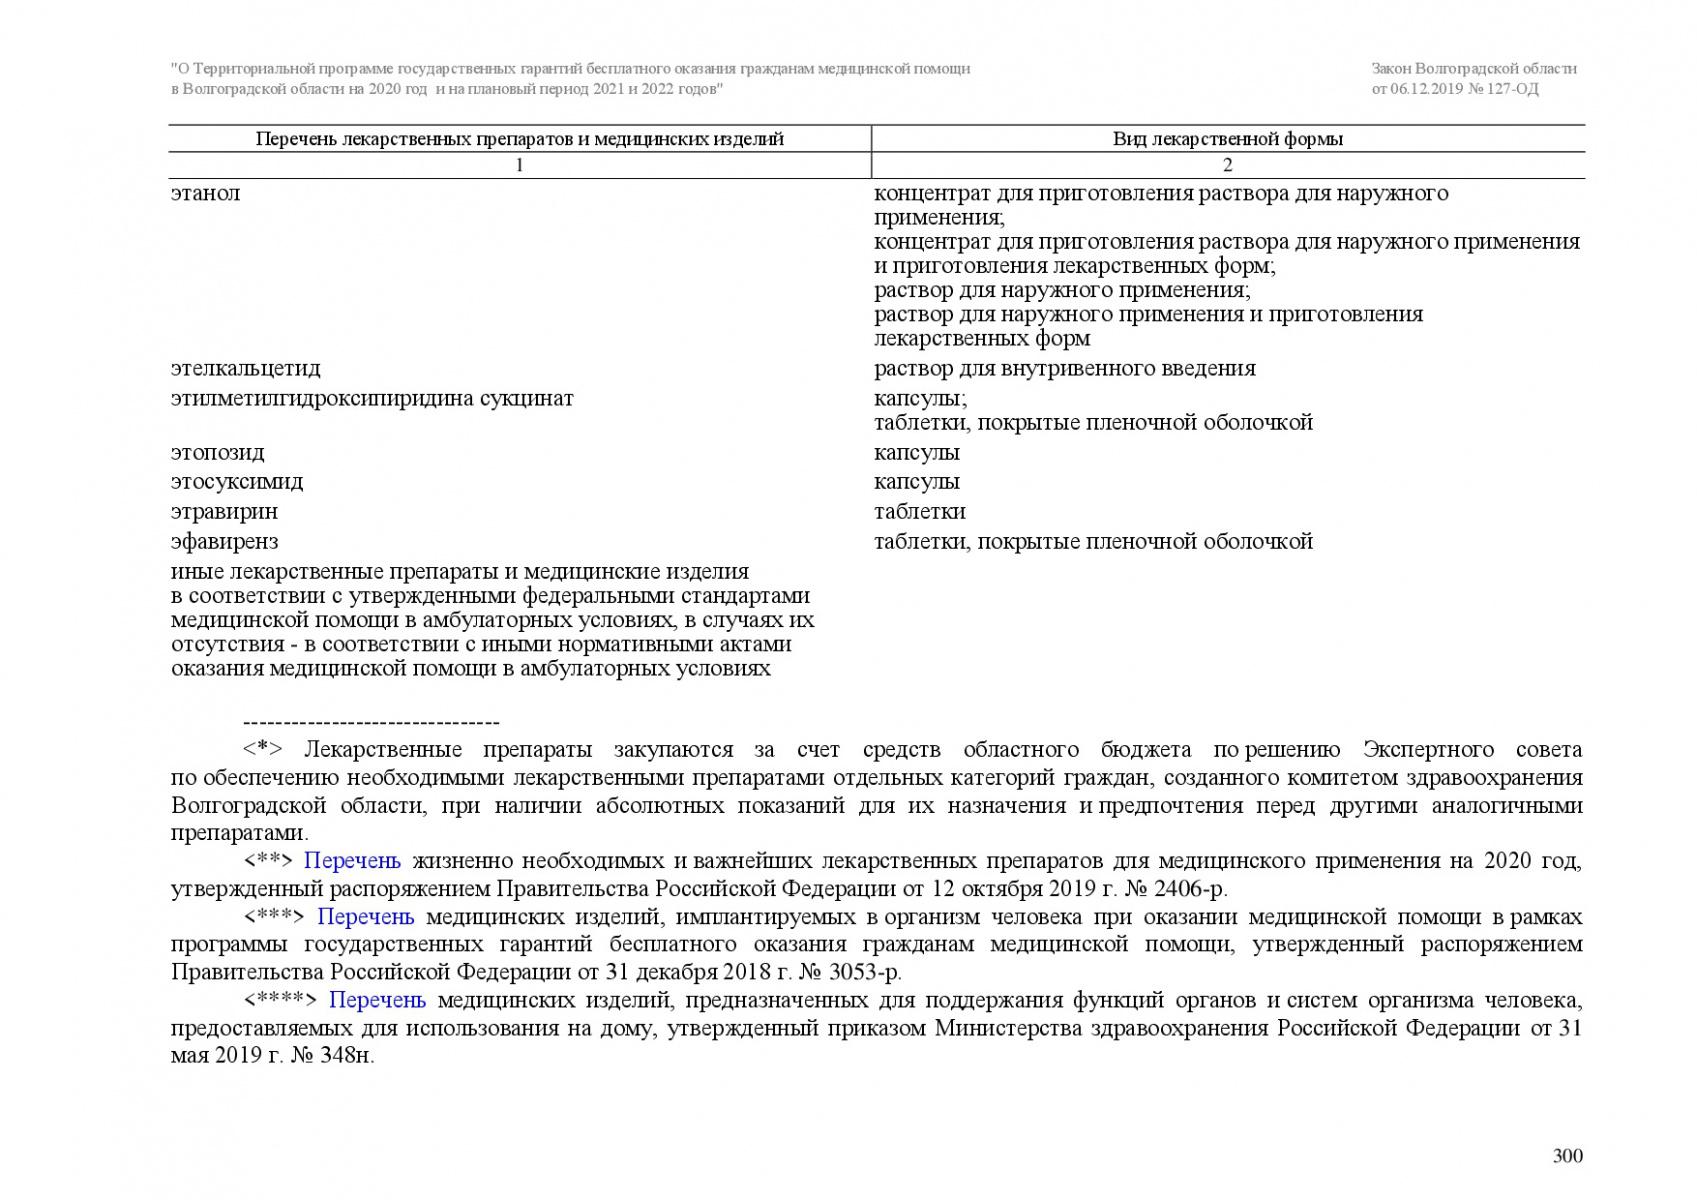 Zakon-VO-127-OD-ot-6_12_2019-TPGG-300